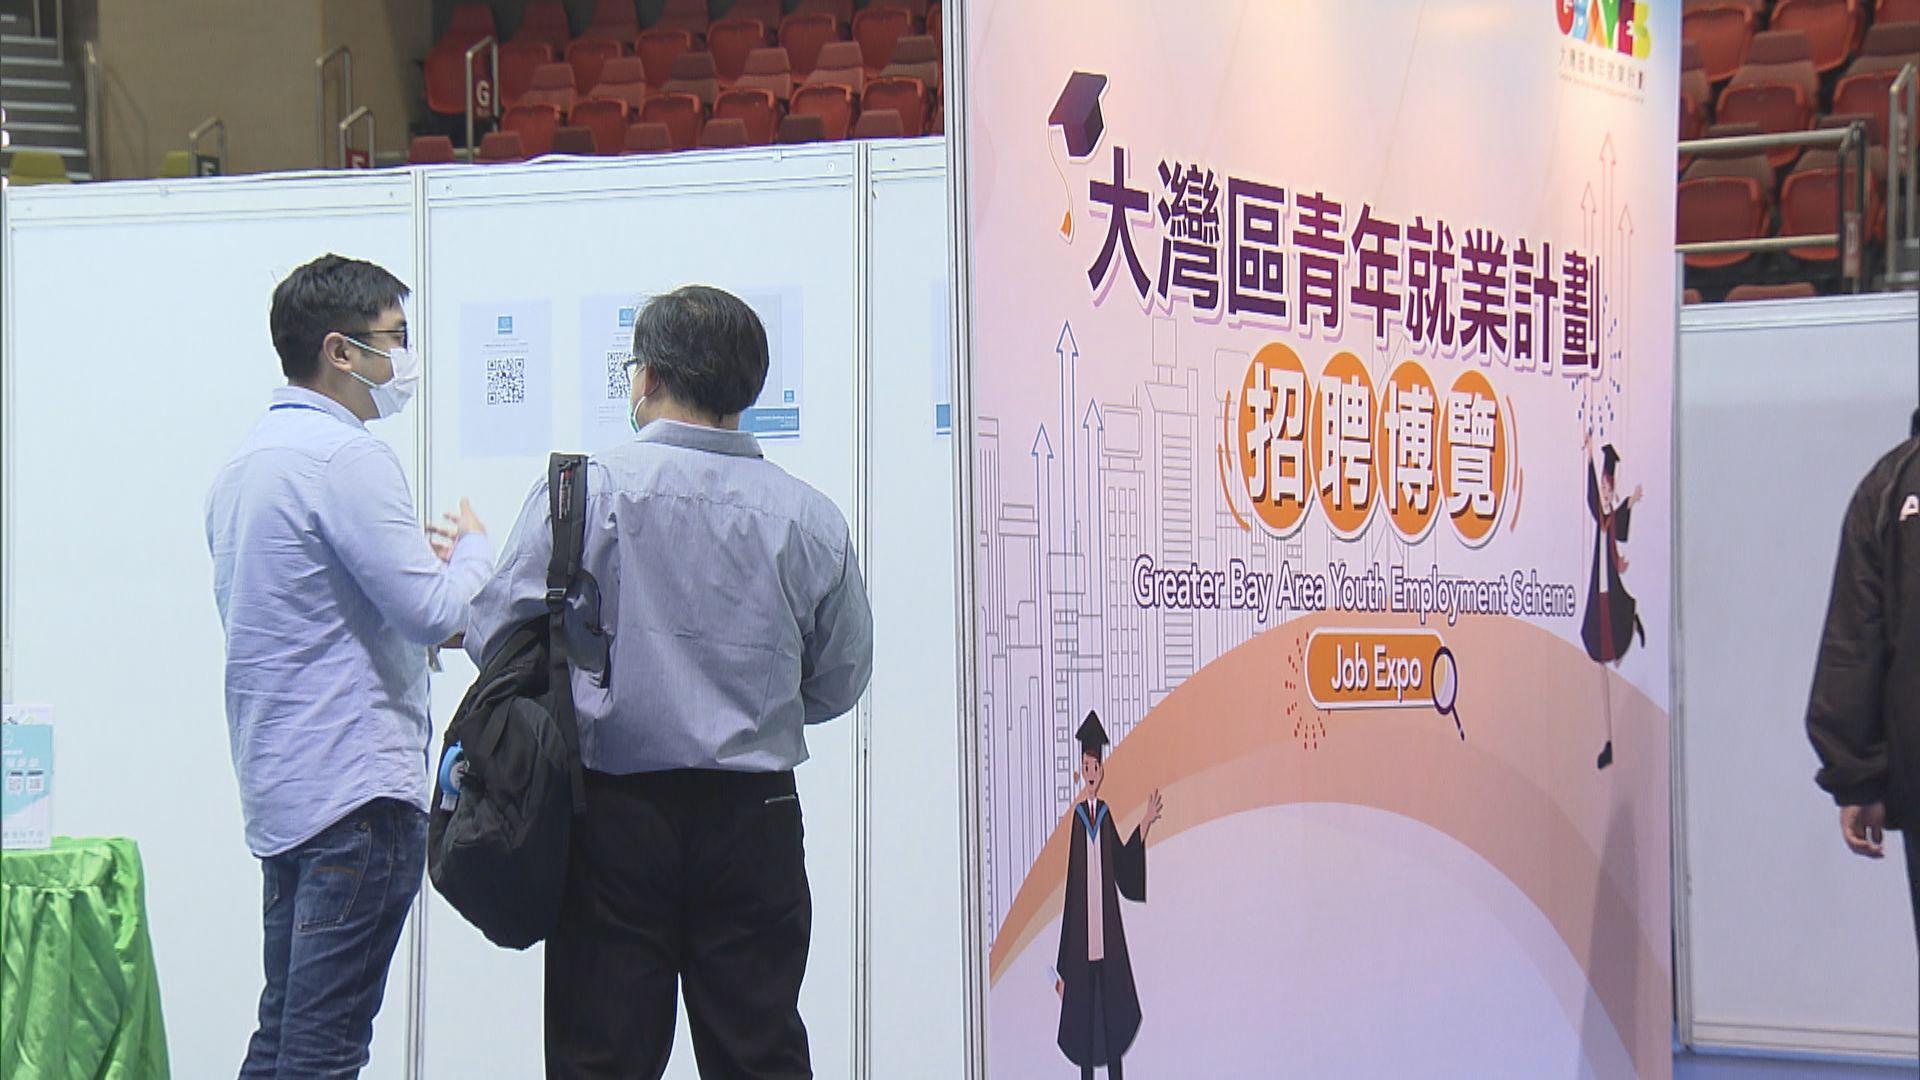 大灣區青年就業計劃博覽提供逾800個職位空缺